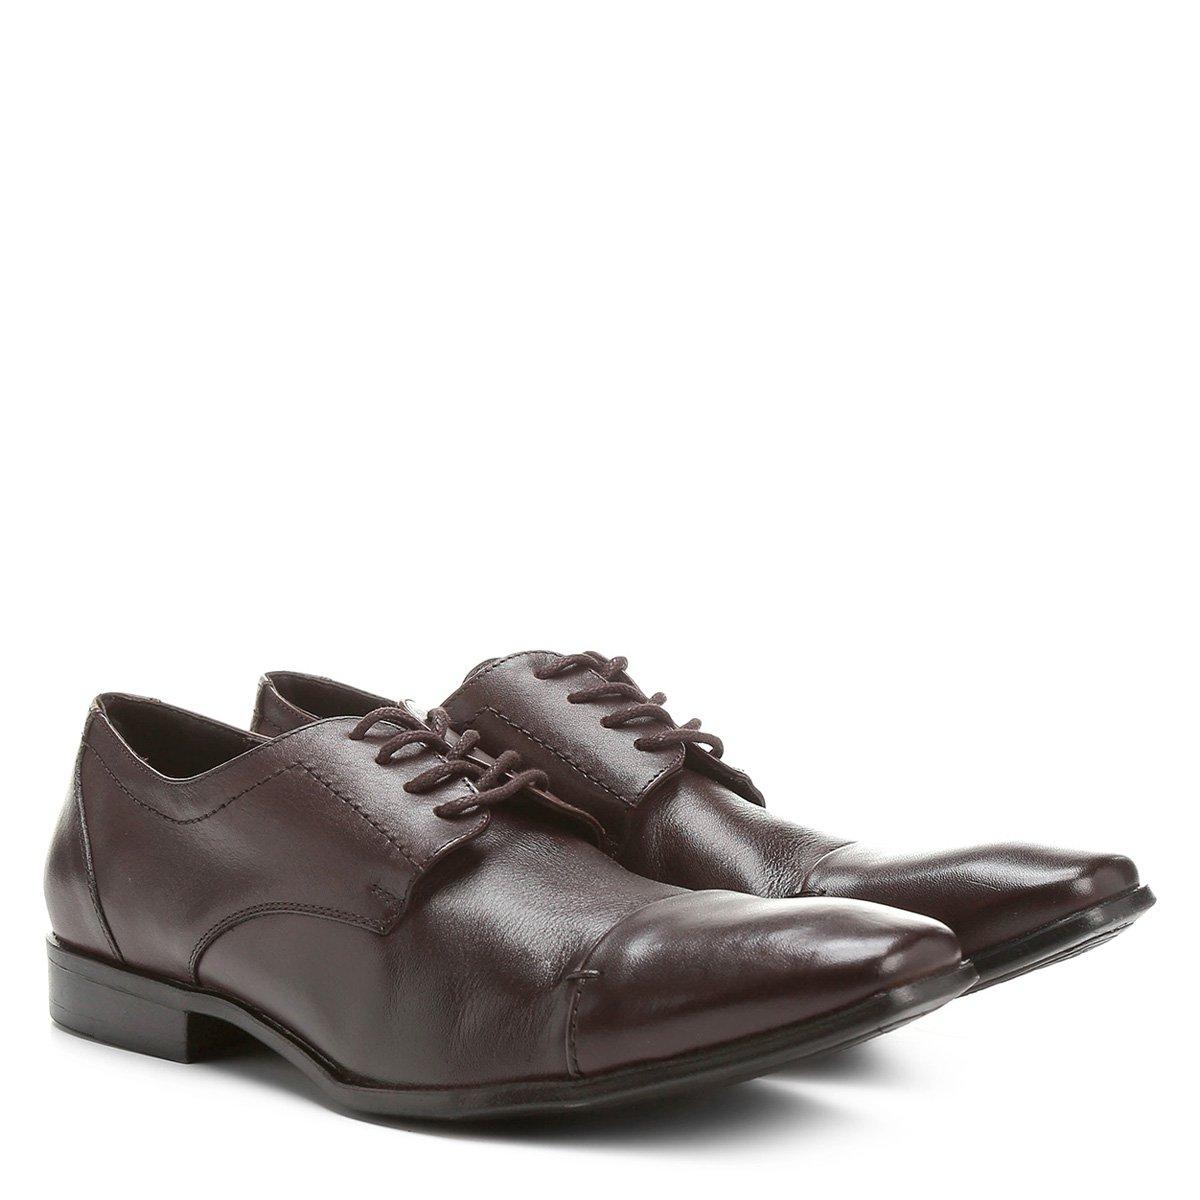 e958d8d7e2 Sapato Social Couro Shoestock Amarração